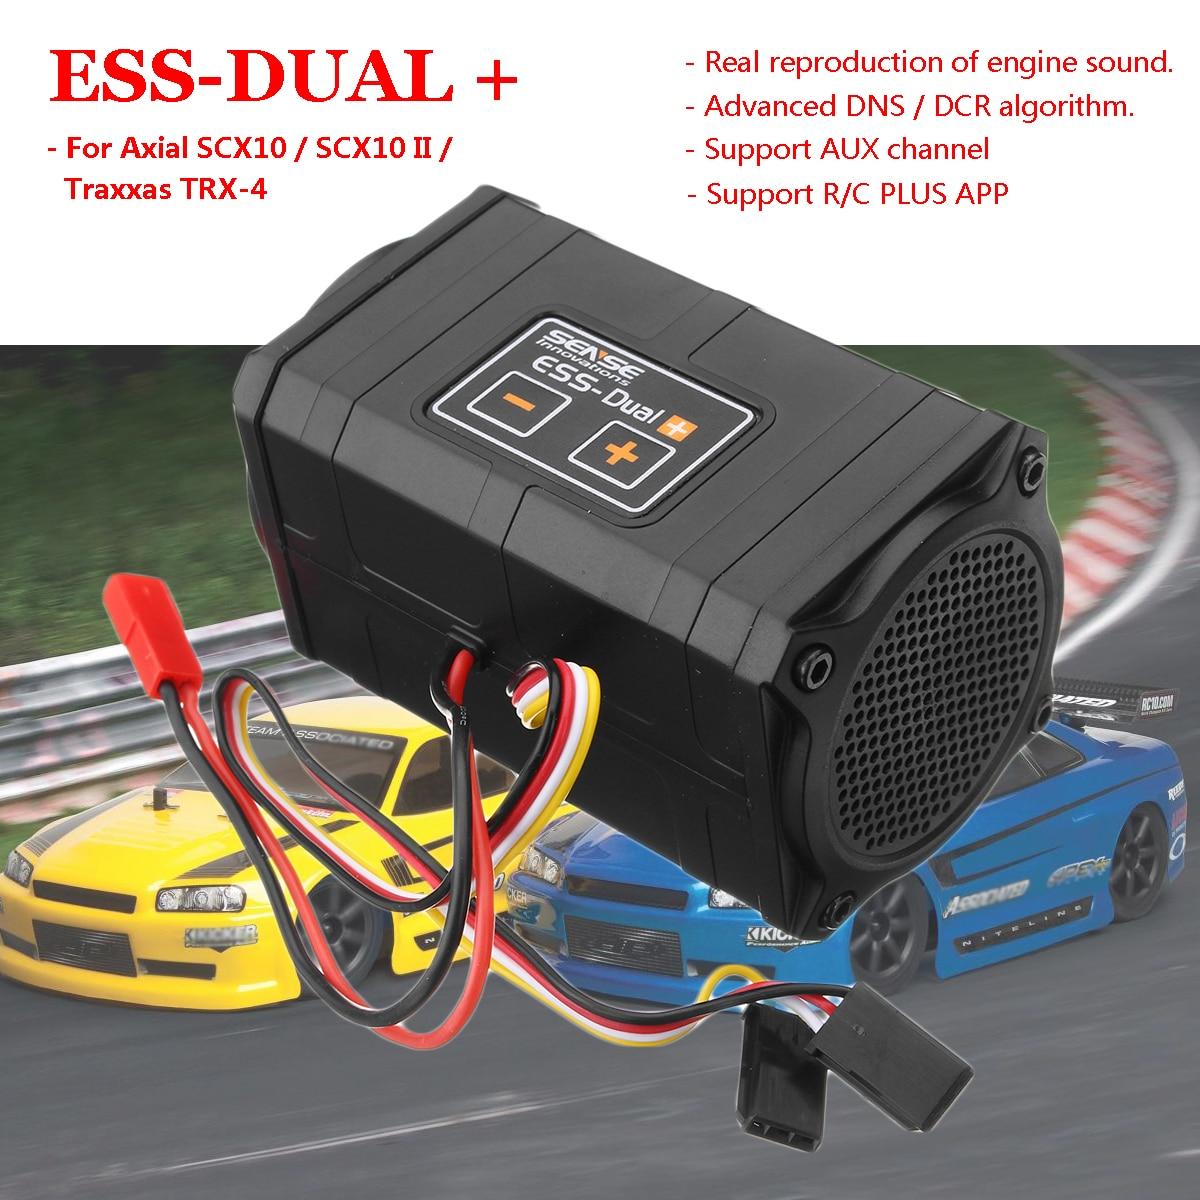 Para Axial SCX10 II TRX-4 Parts & Accs sentido innovaciones doble Plus sonido del motor simulador RC/PLUS aplicación Firmware actualización